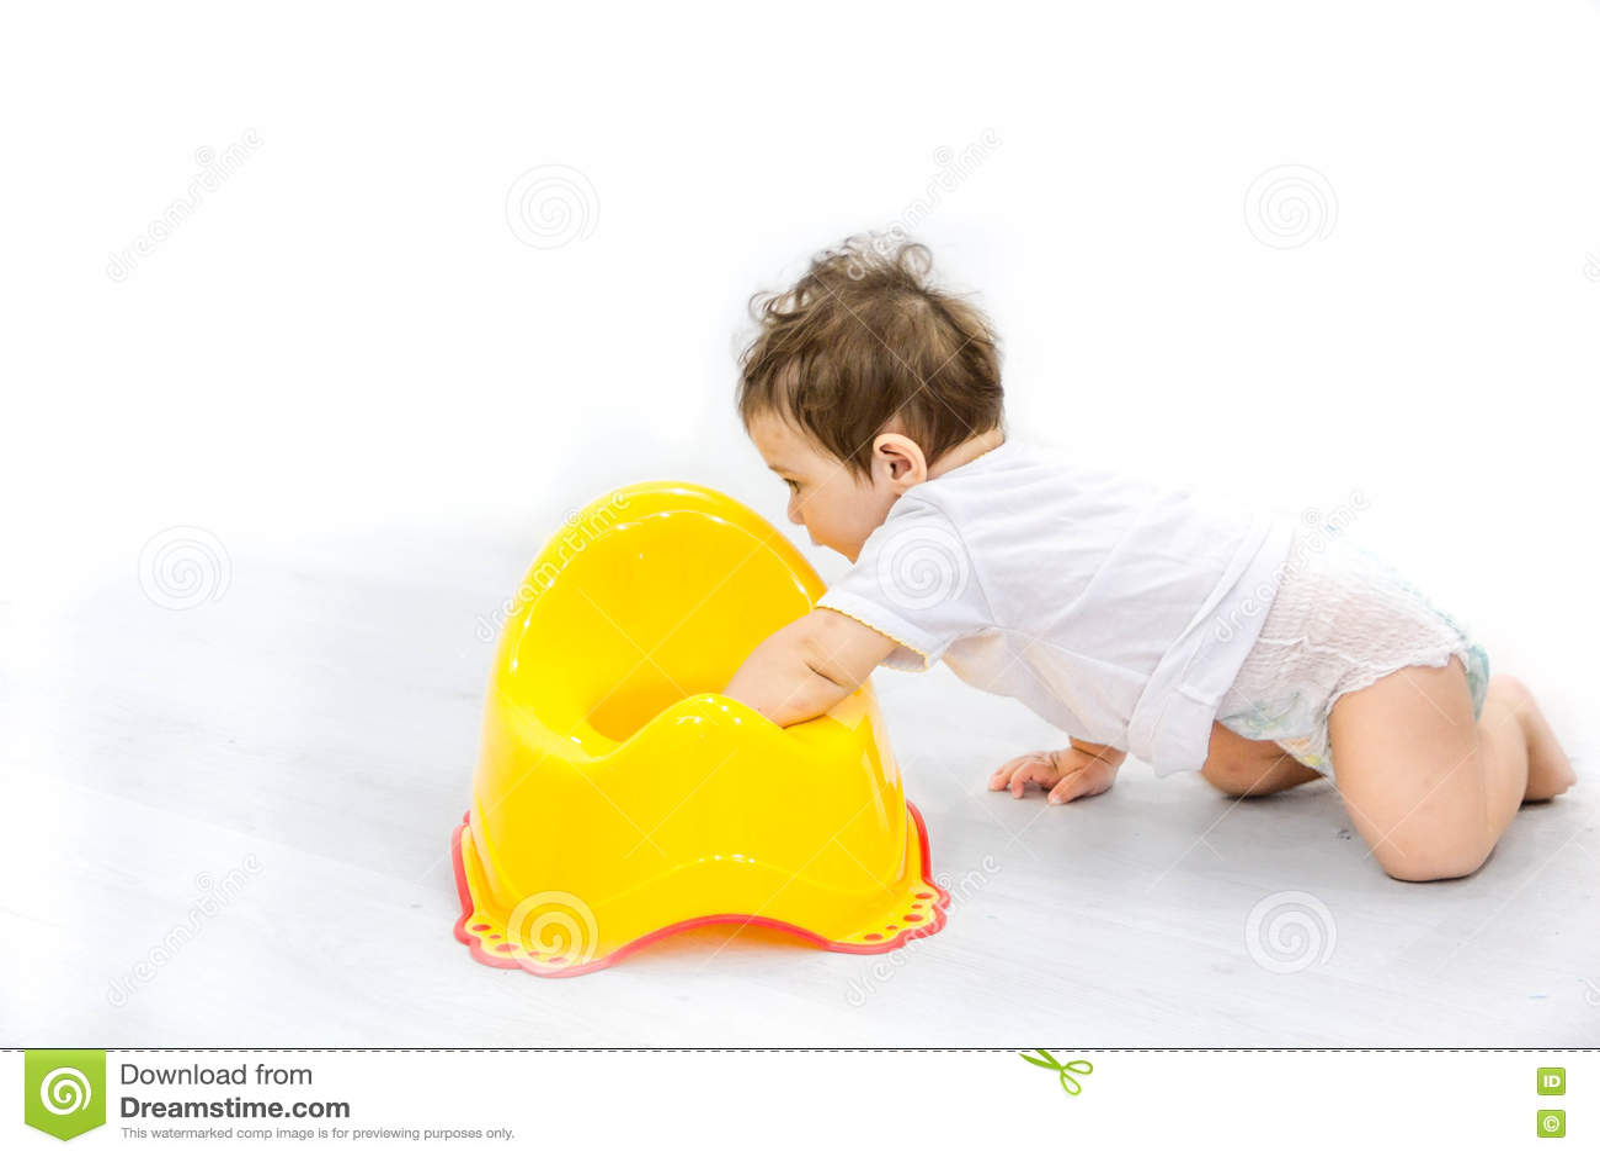 Infant Child Baby Boy Toddler Sitting Potty Toilet